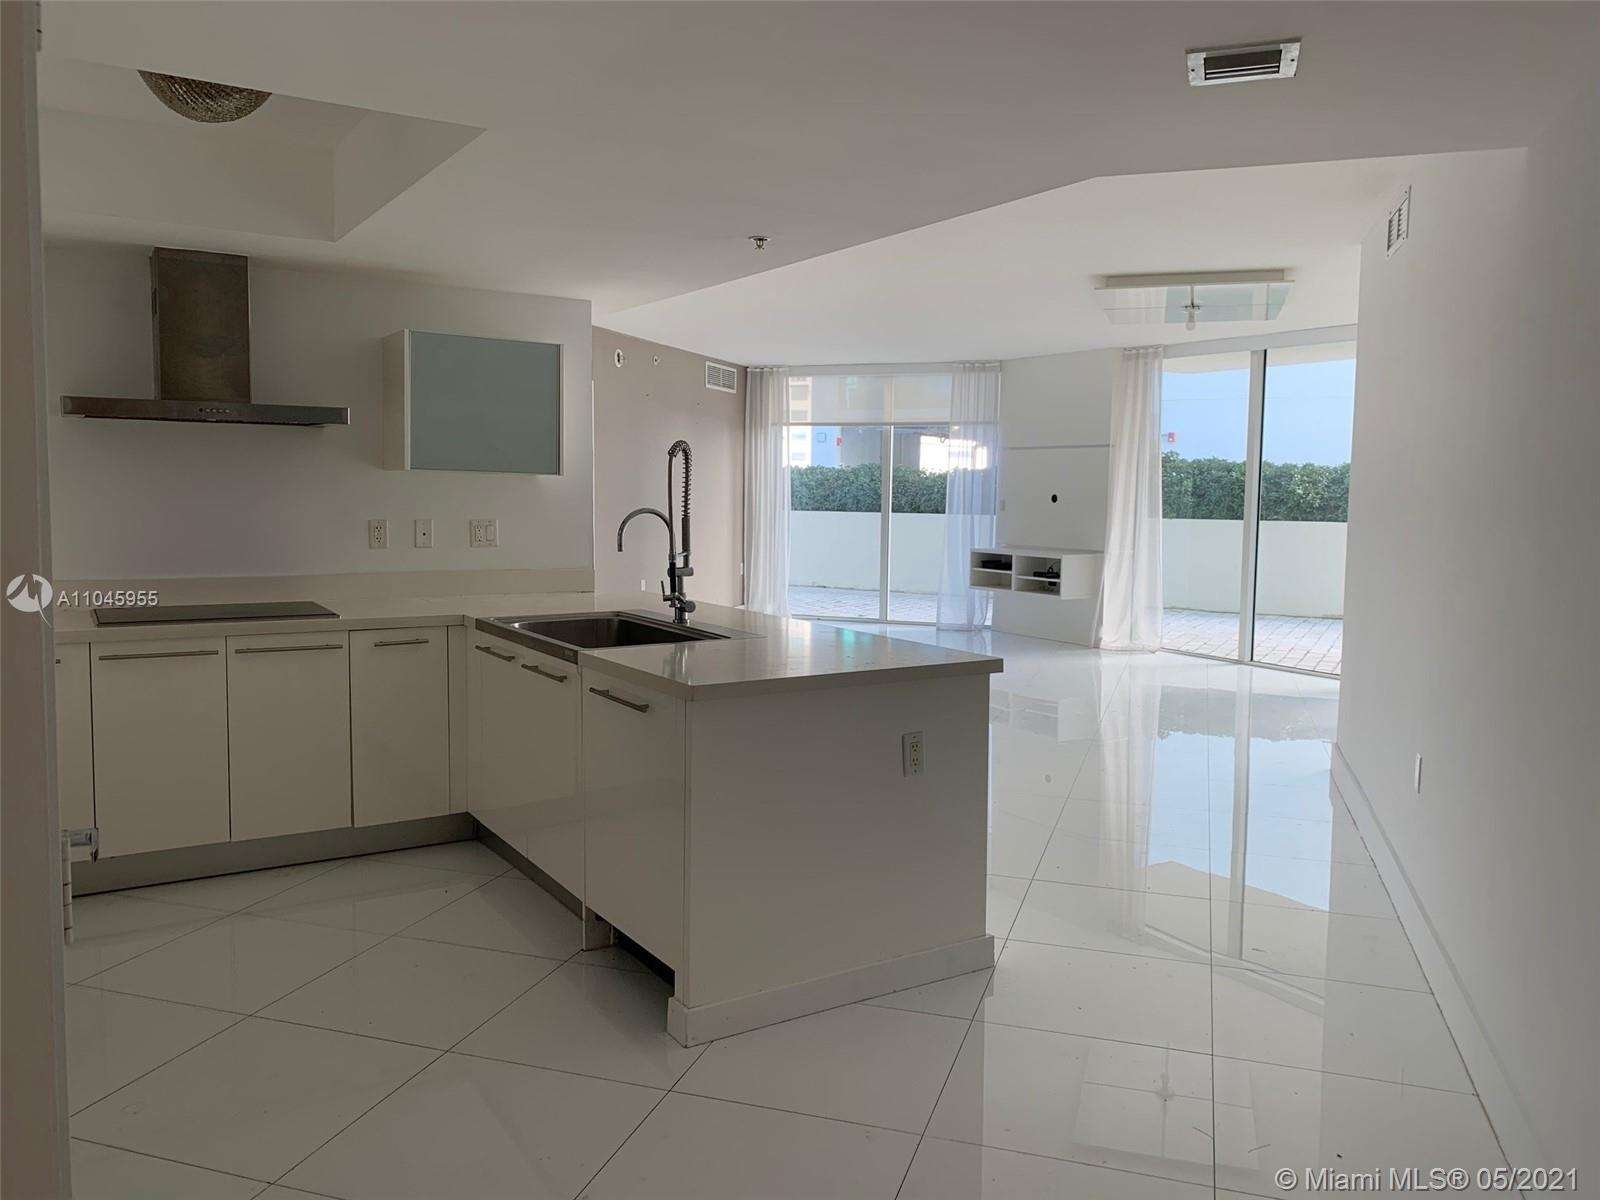 St Tropez I #1-501 - 150 Sunny Isles Blvd #1-501, Sunny Isles Beach, FL 33160